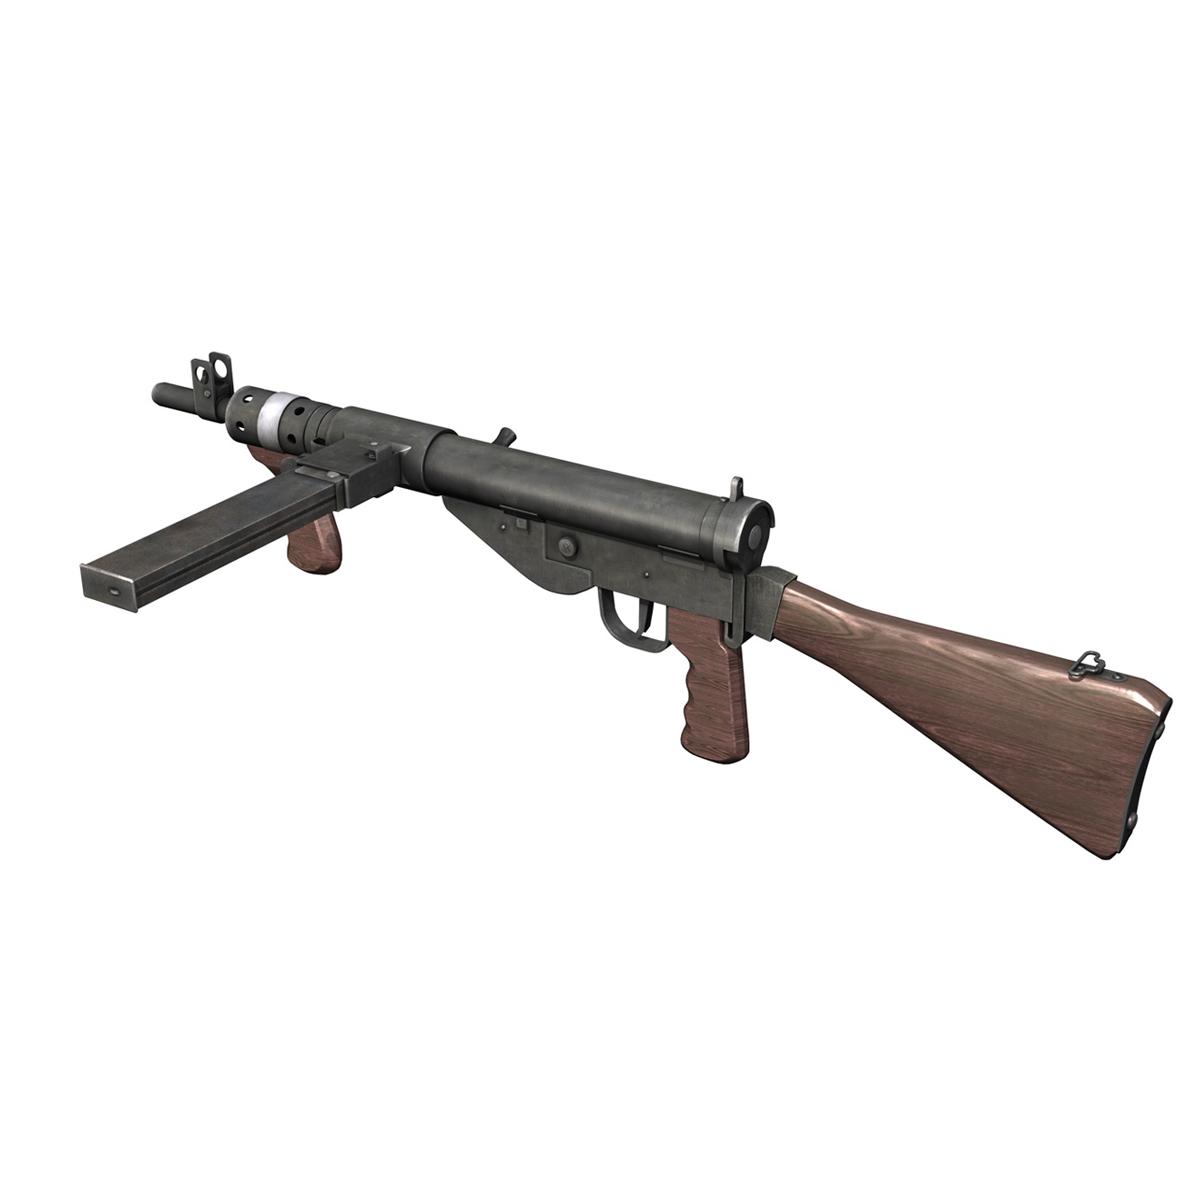 sten submachine gun – collection 3d model 3ds fbx c4d lwo obj 199304